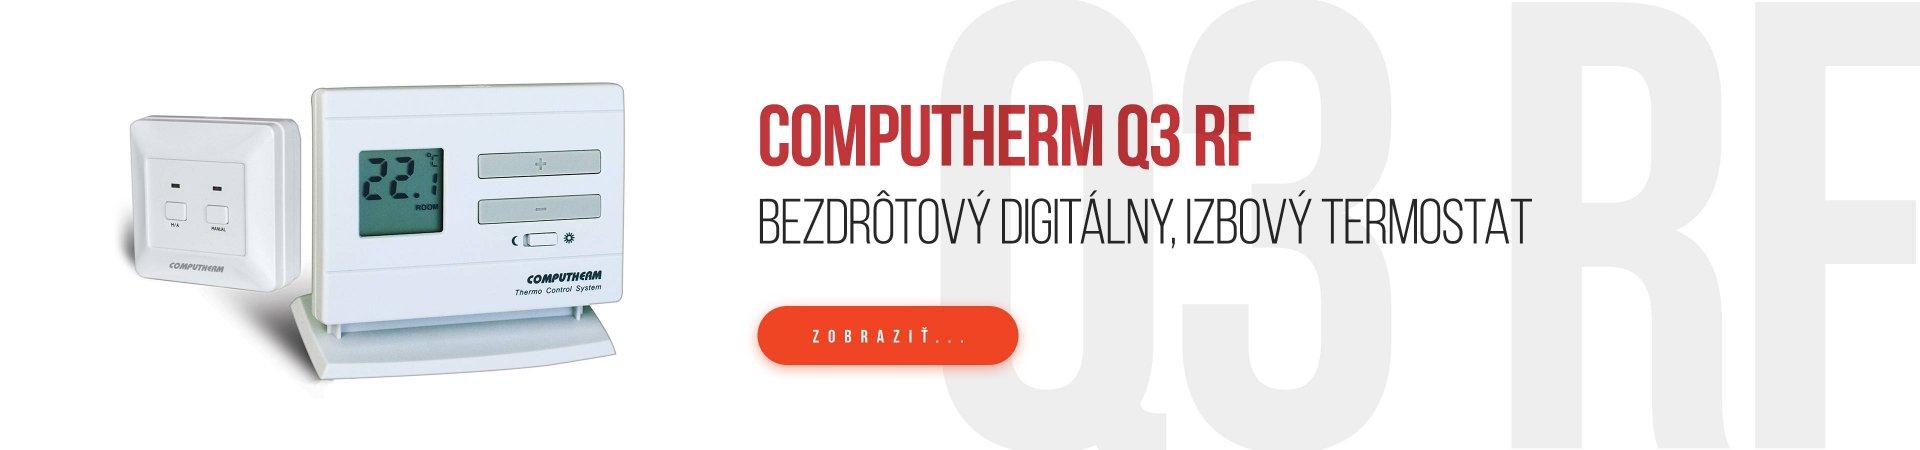 http://www.termostatshop.sk/bezdrotovy-digitalny-izbovy-termostat